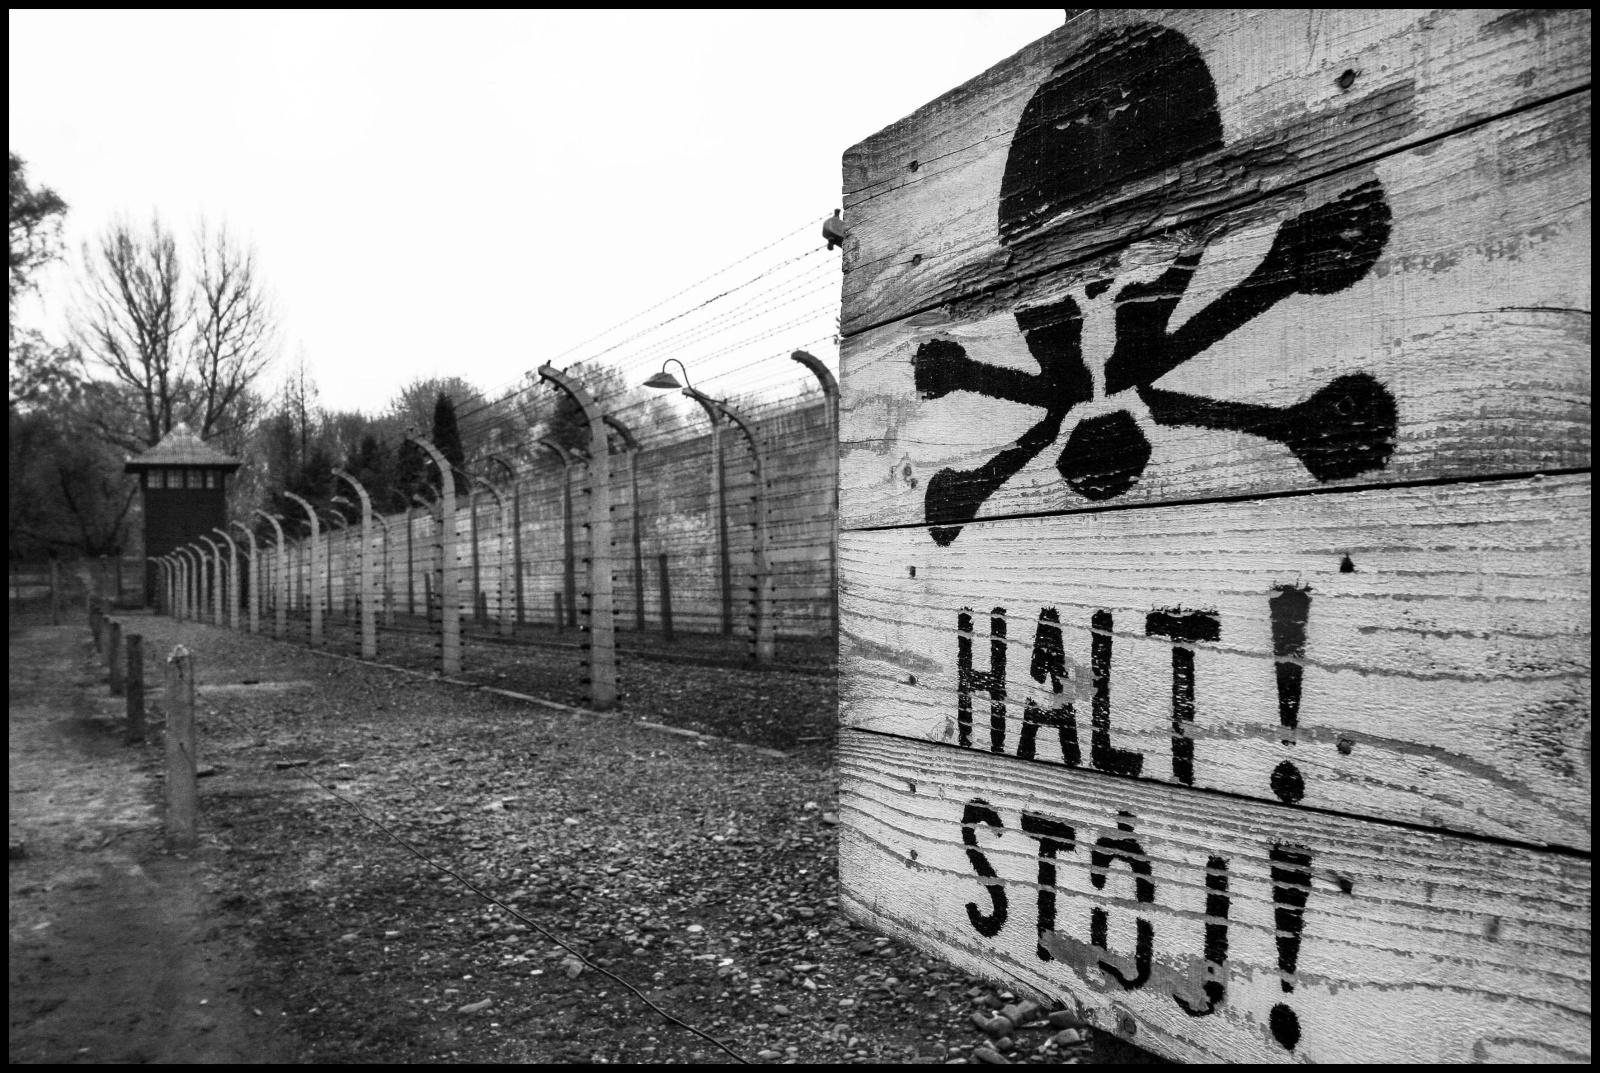 Ilcampo di concentramento di Auschwitz fu reso operativo dal 14 giugno1940 ed è stato un vasto complesso di campi di concentramento e di lavoro situato nelle vicinanze della cittadinapolaccadiOświęcim dove morirono  circa 70000 persone.